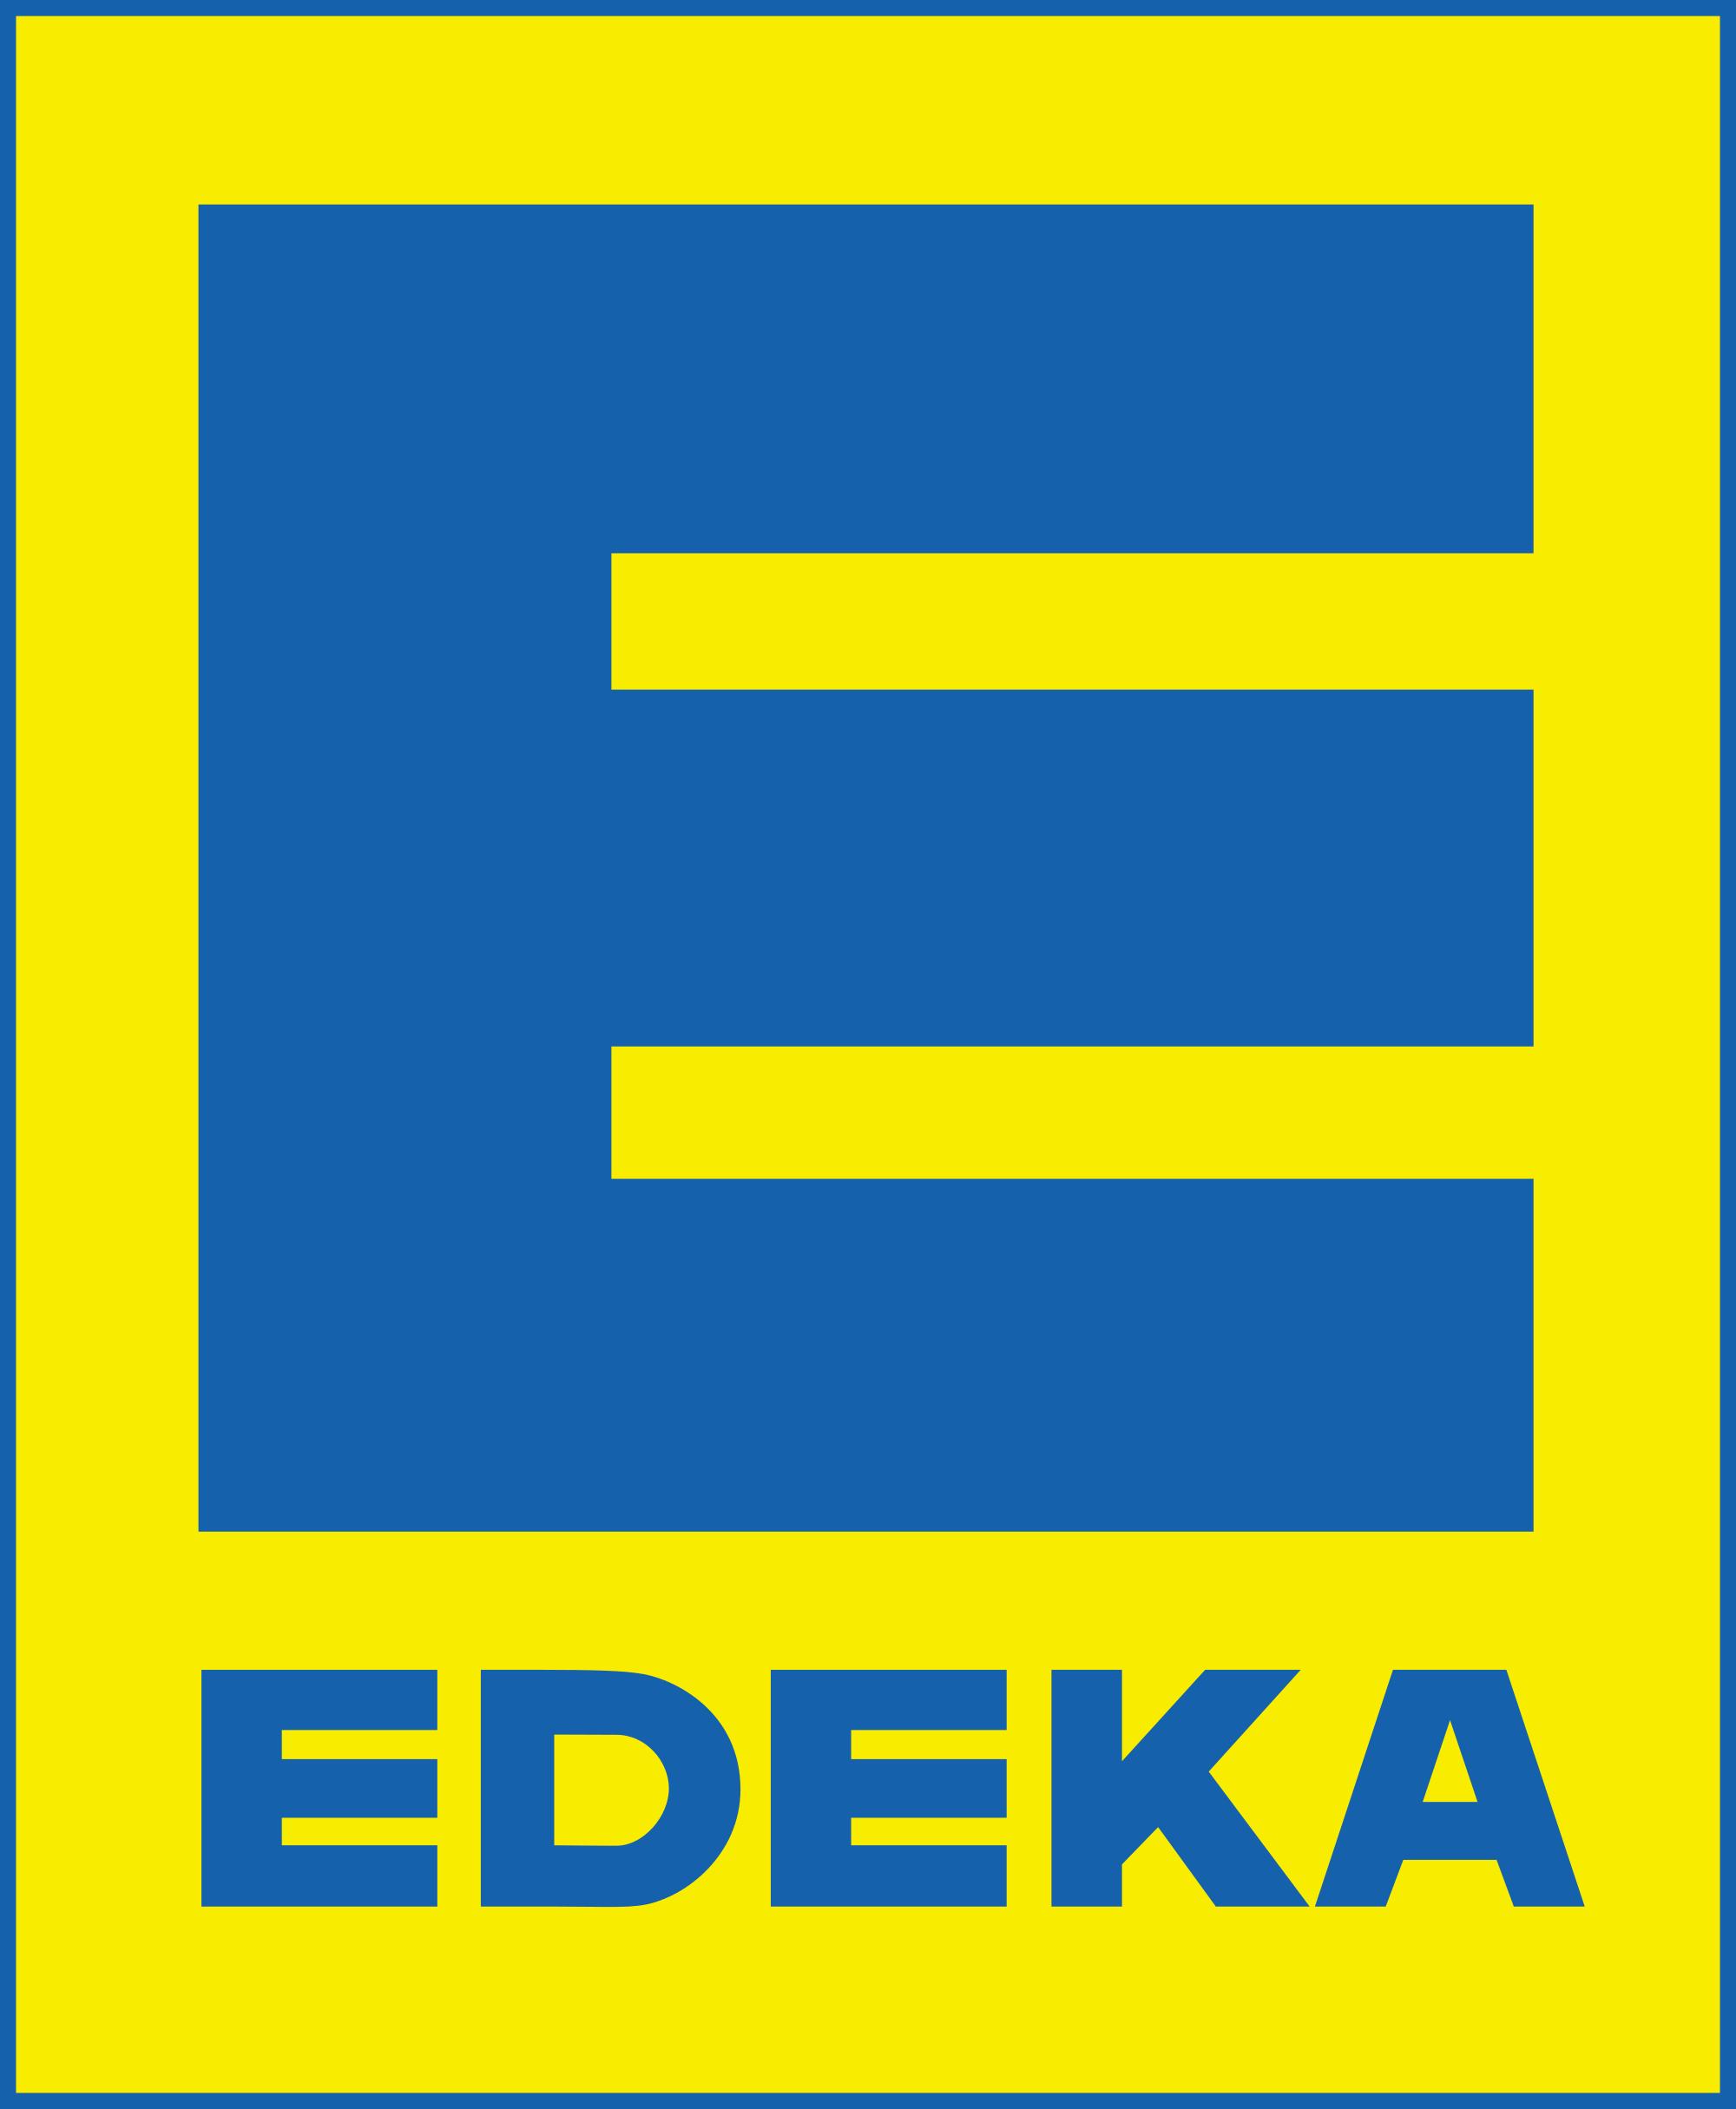 6€ Rabatt ab 10€ P&G Produkte bei Edeka (Angebot + Coupon + Coupon) z.B. Fairy Ultra für 0,40€ pro Flasche